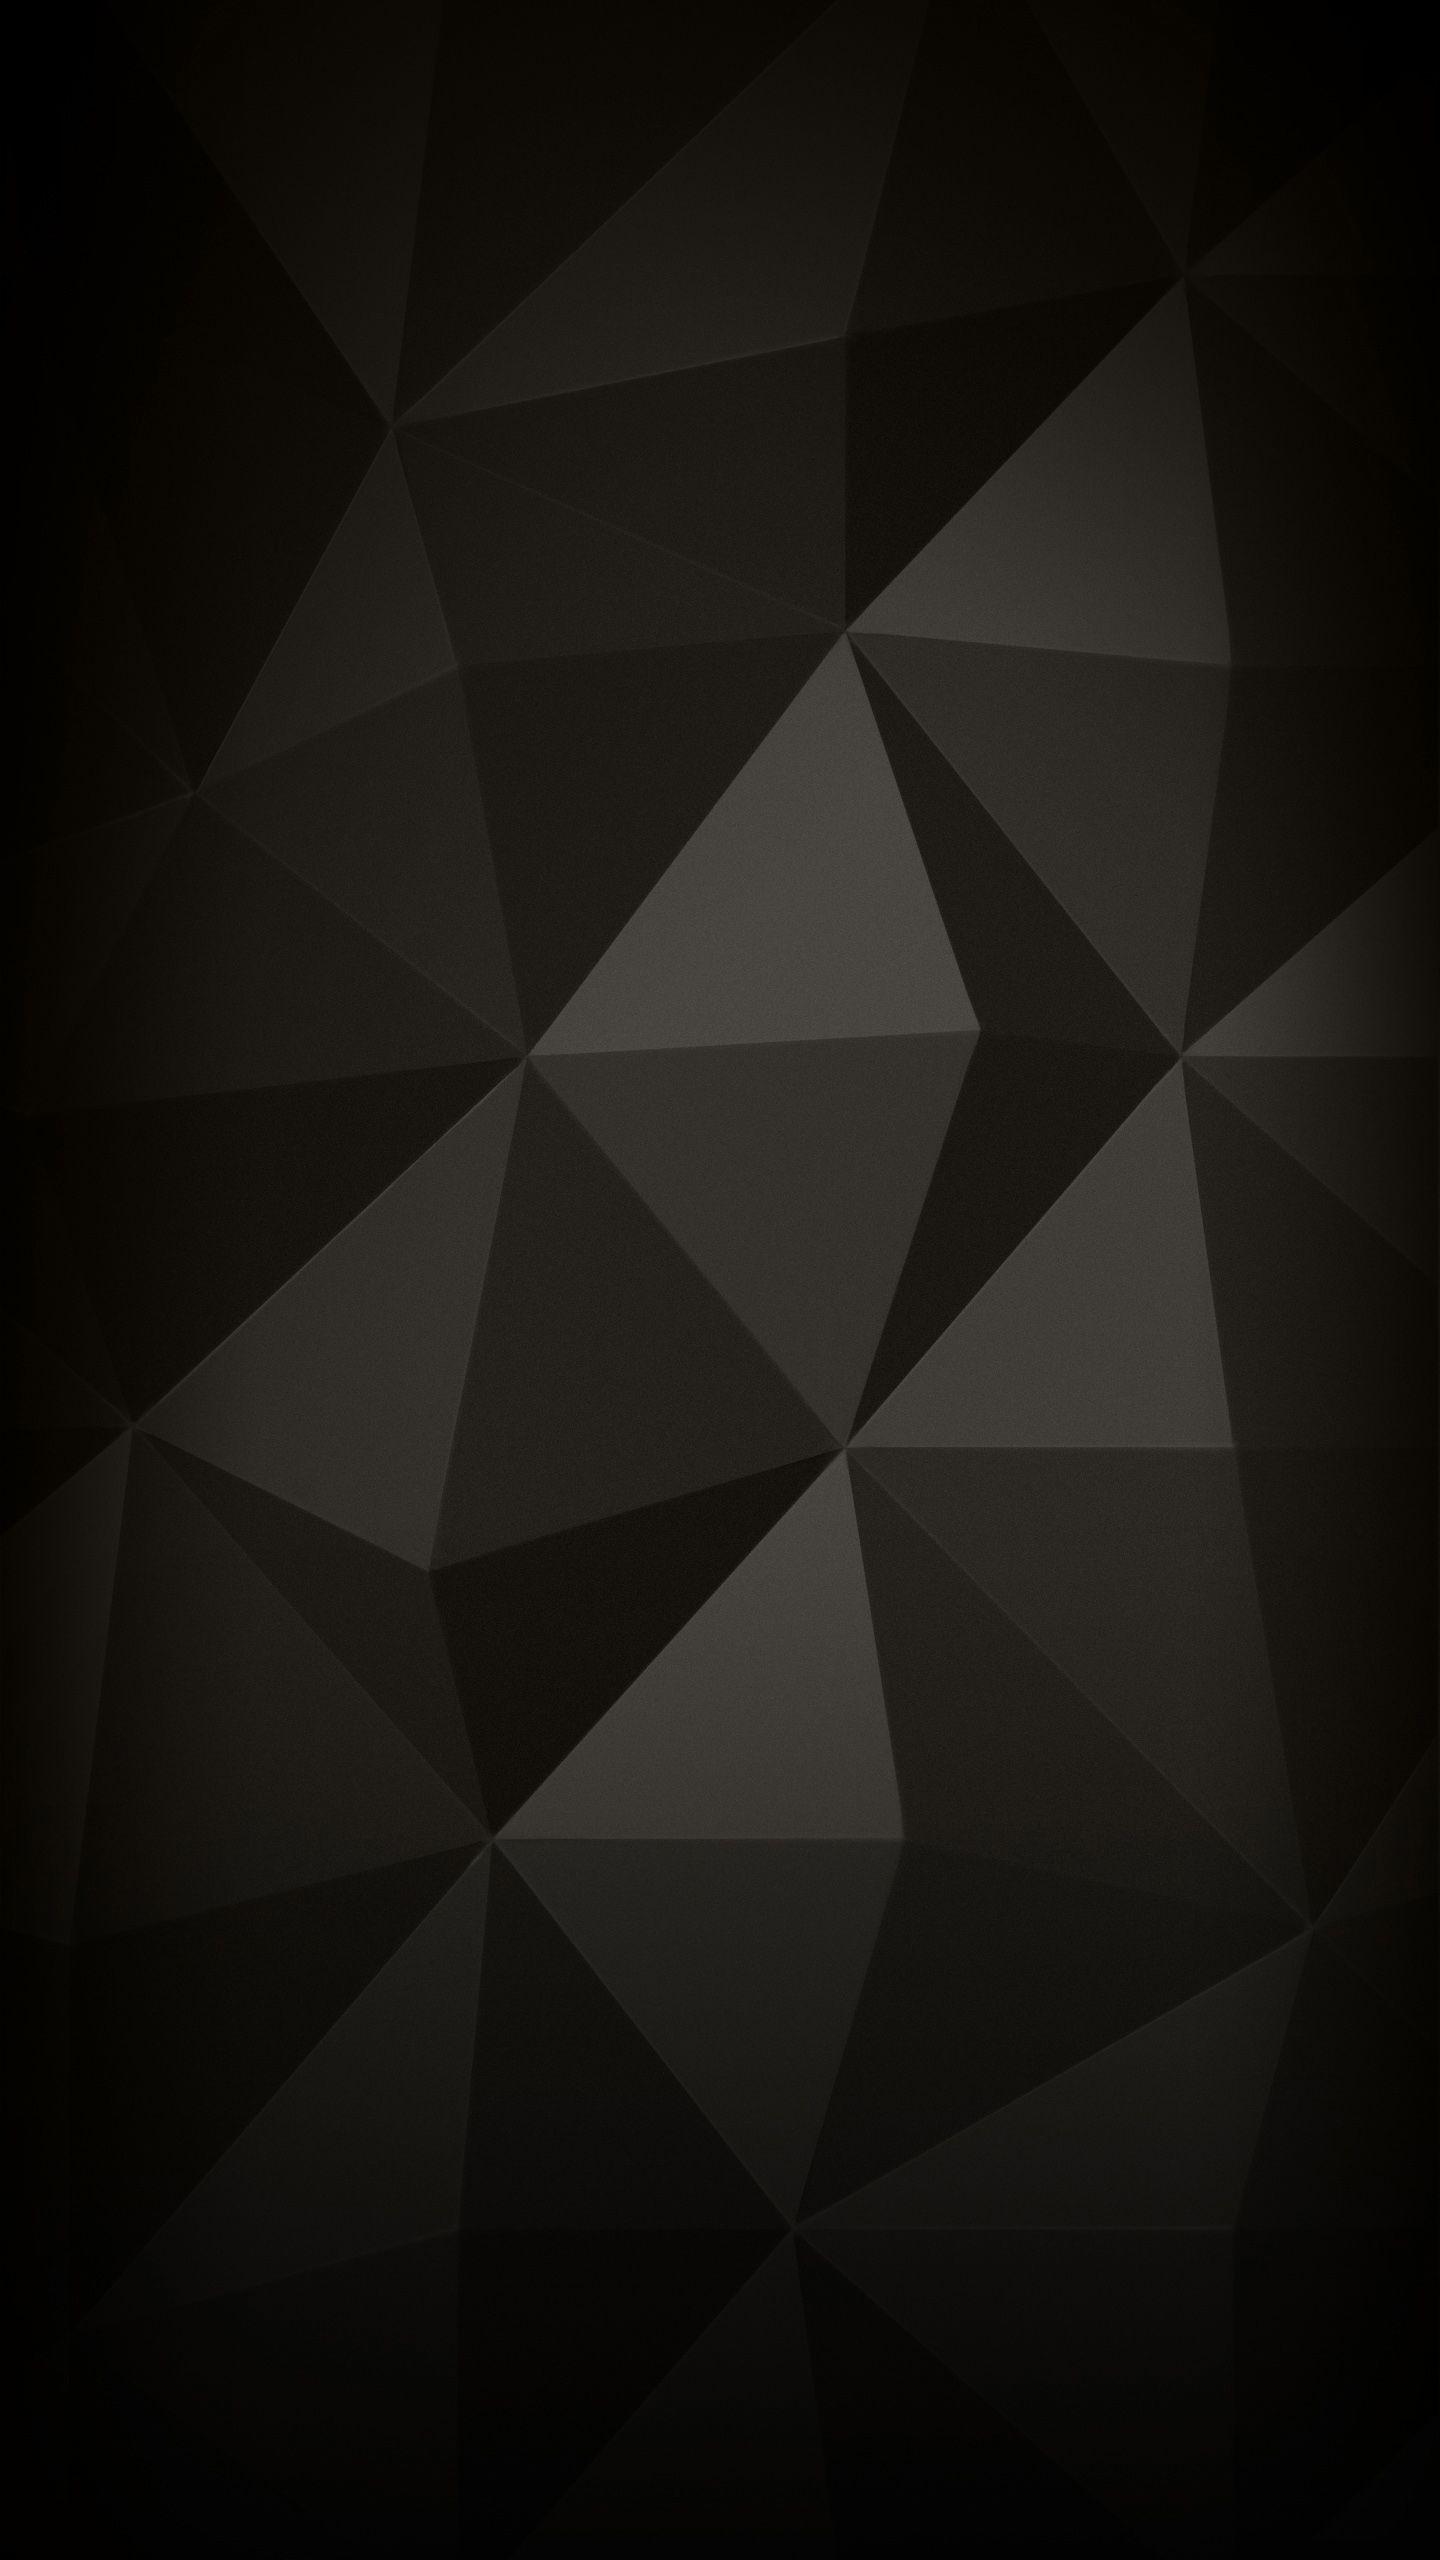 Abstract Phone Backgrounds Download  PixelsTalkNet